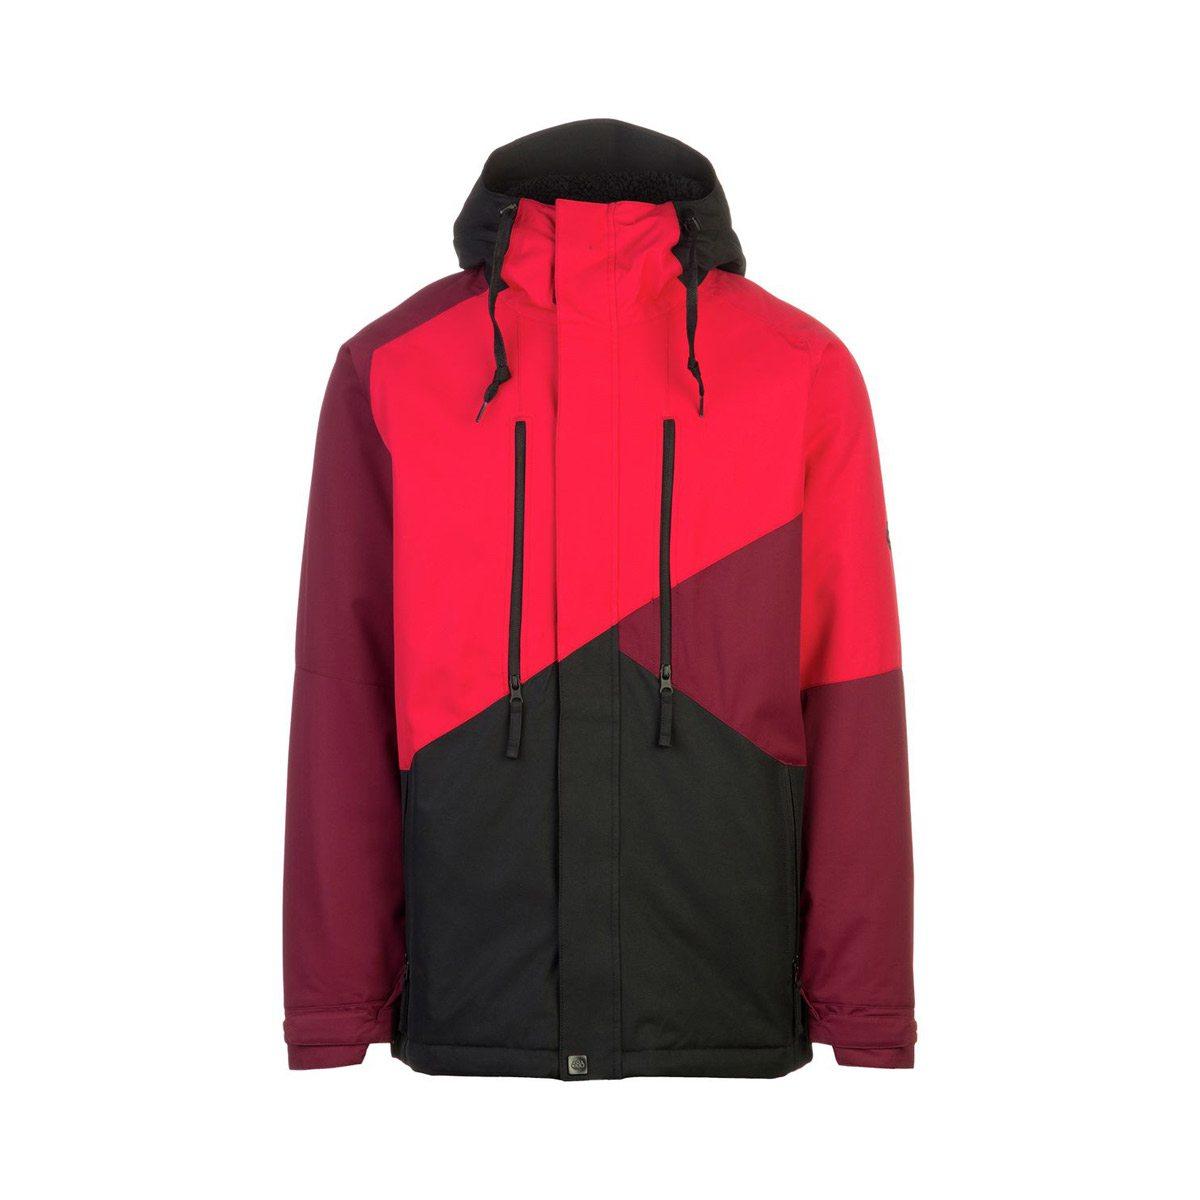 Куртки сноубордические 686 Arcade  Cardinal Colorblock 2016